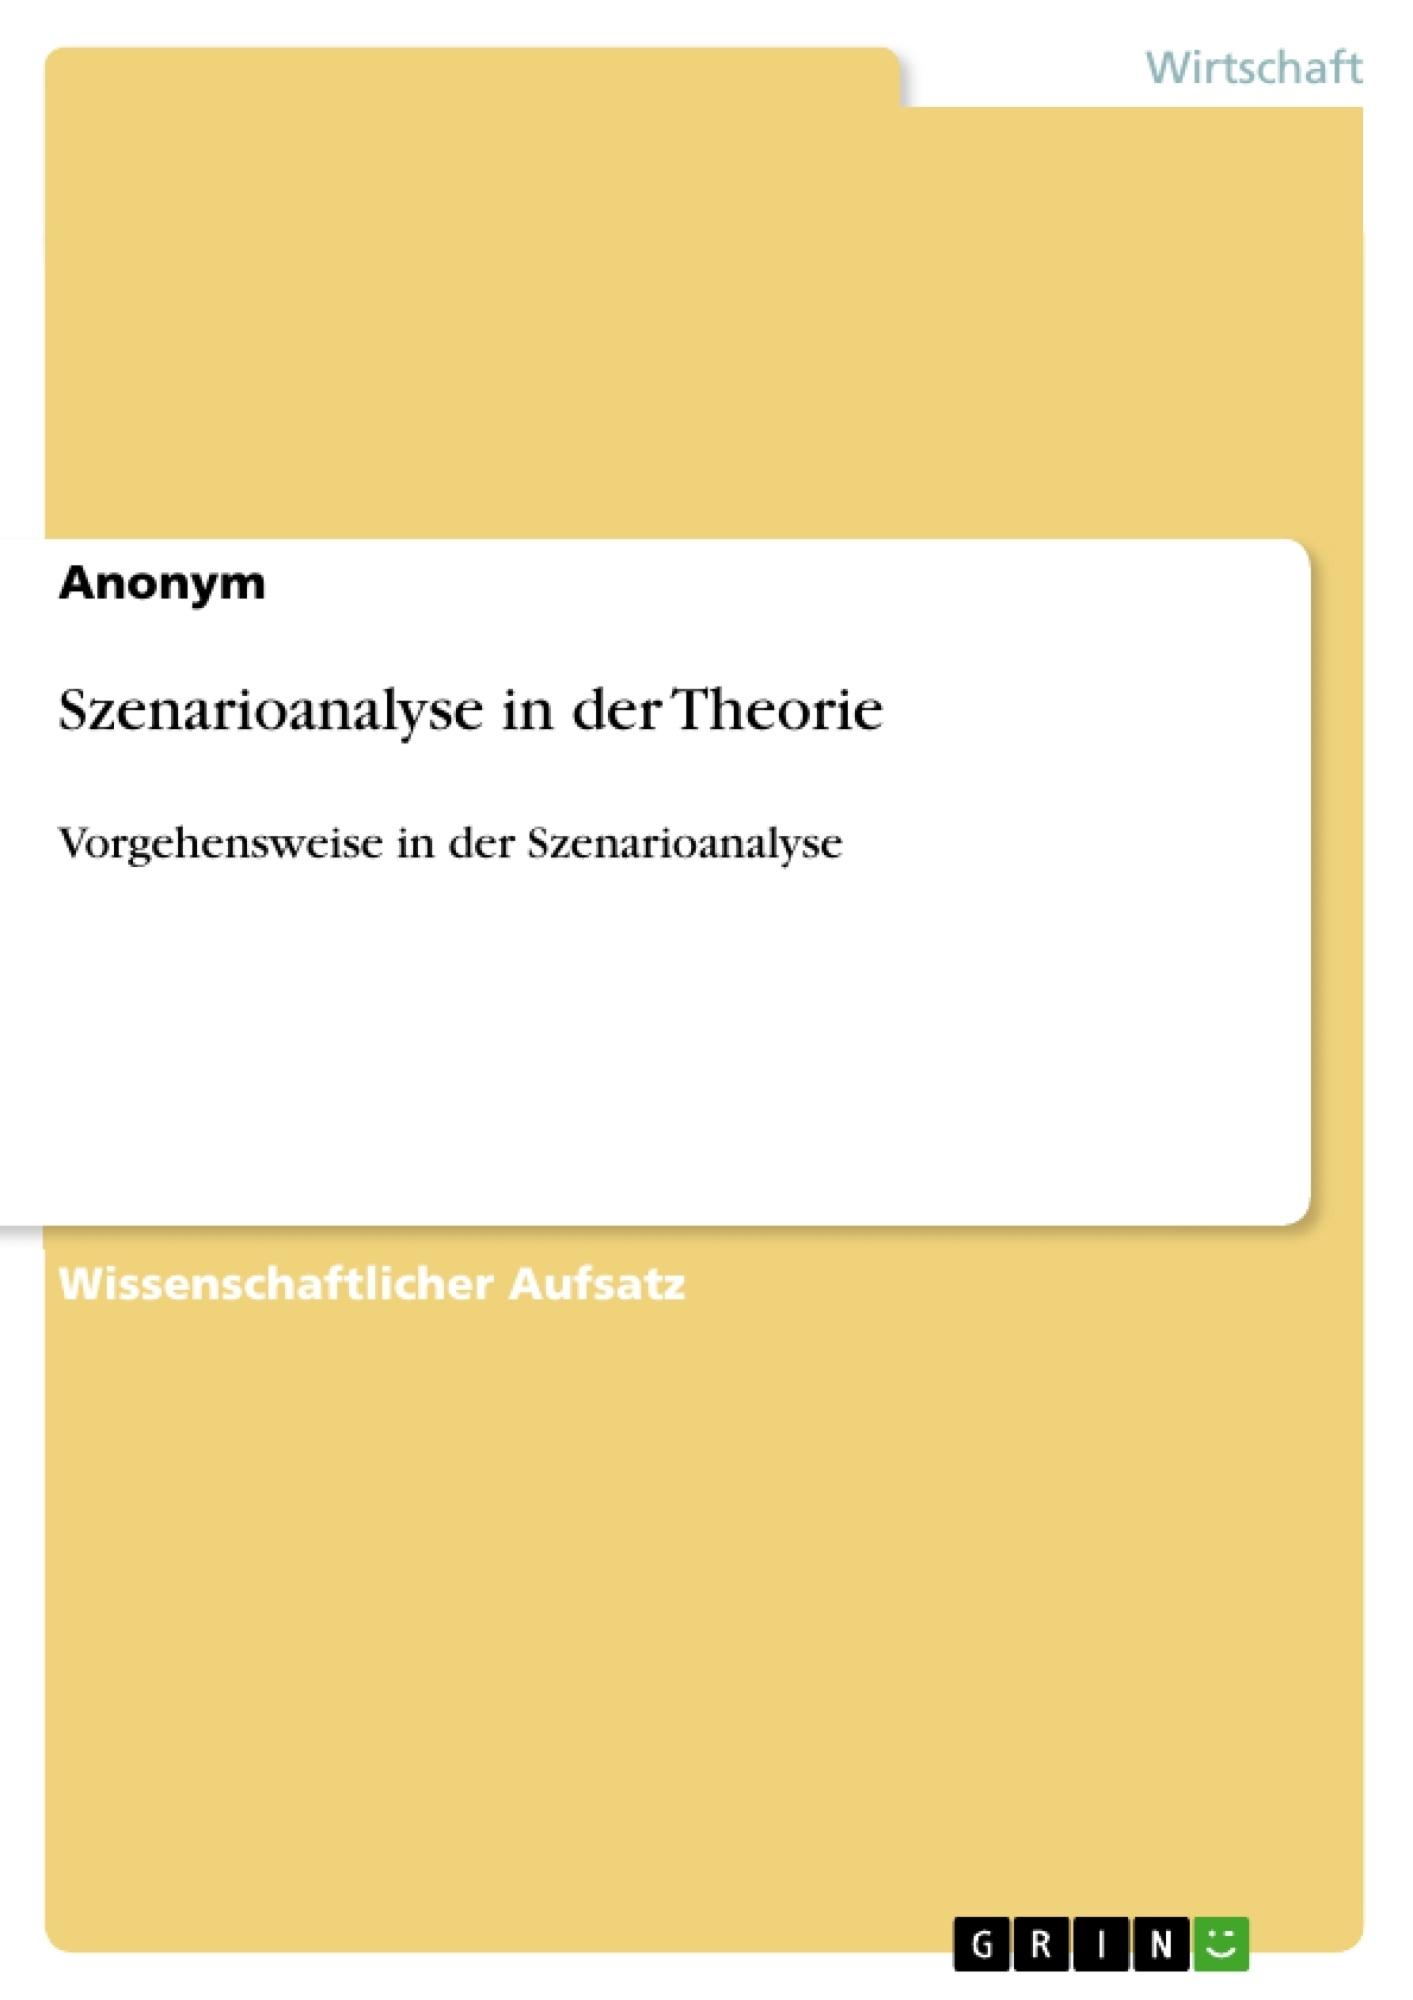 Titel: Szenarioanalyse in der Theorie